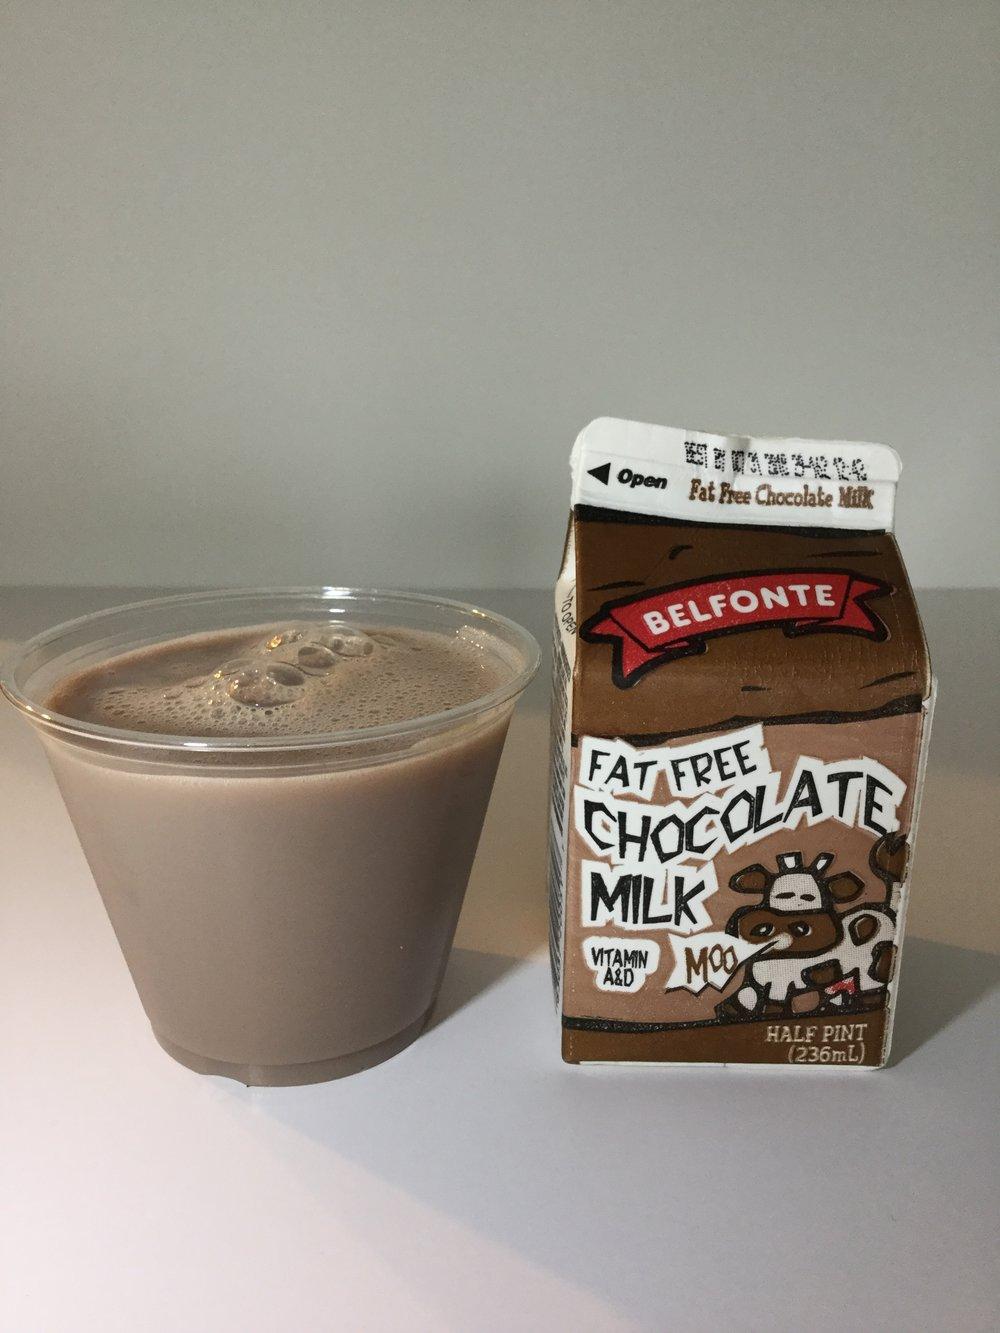 Belfonte Fat Free Chocolate Milk Cup